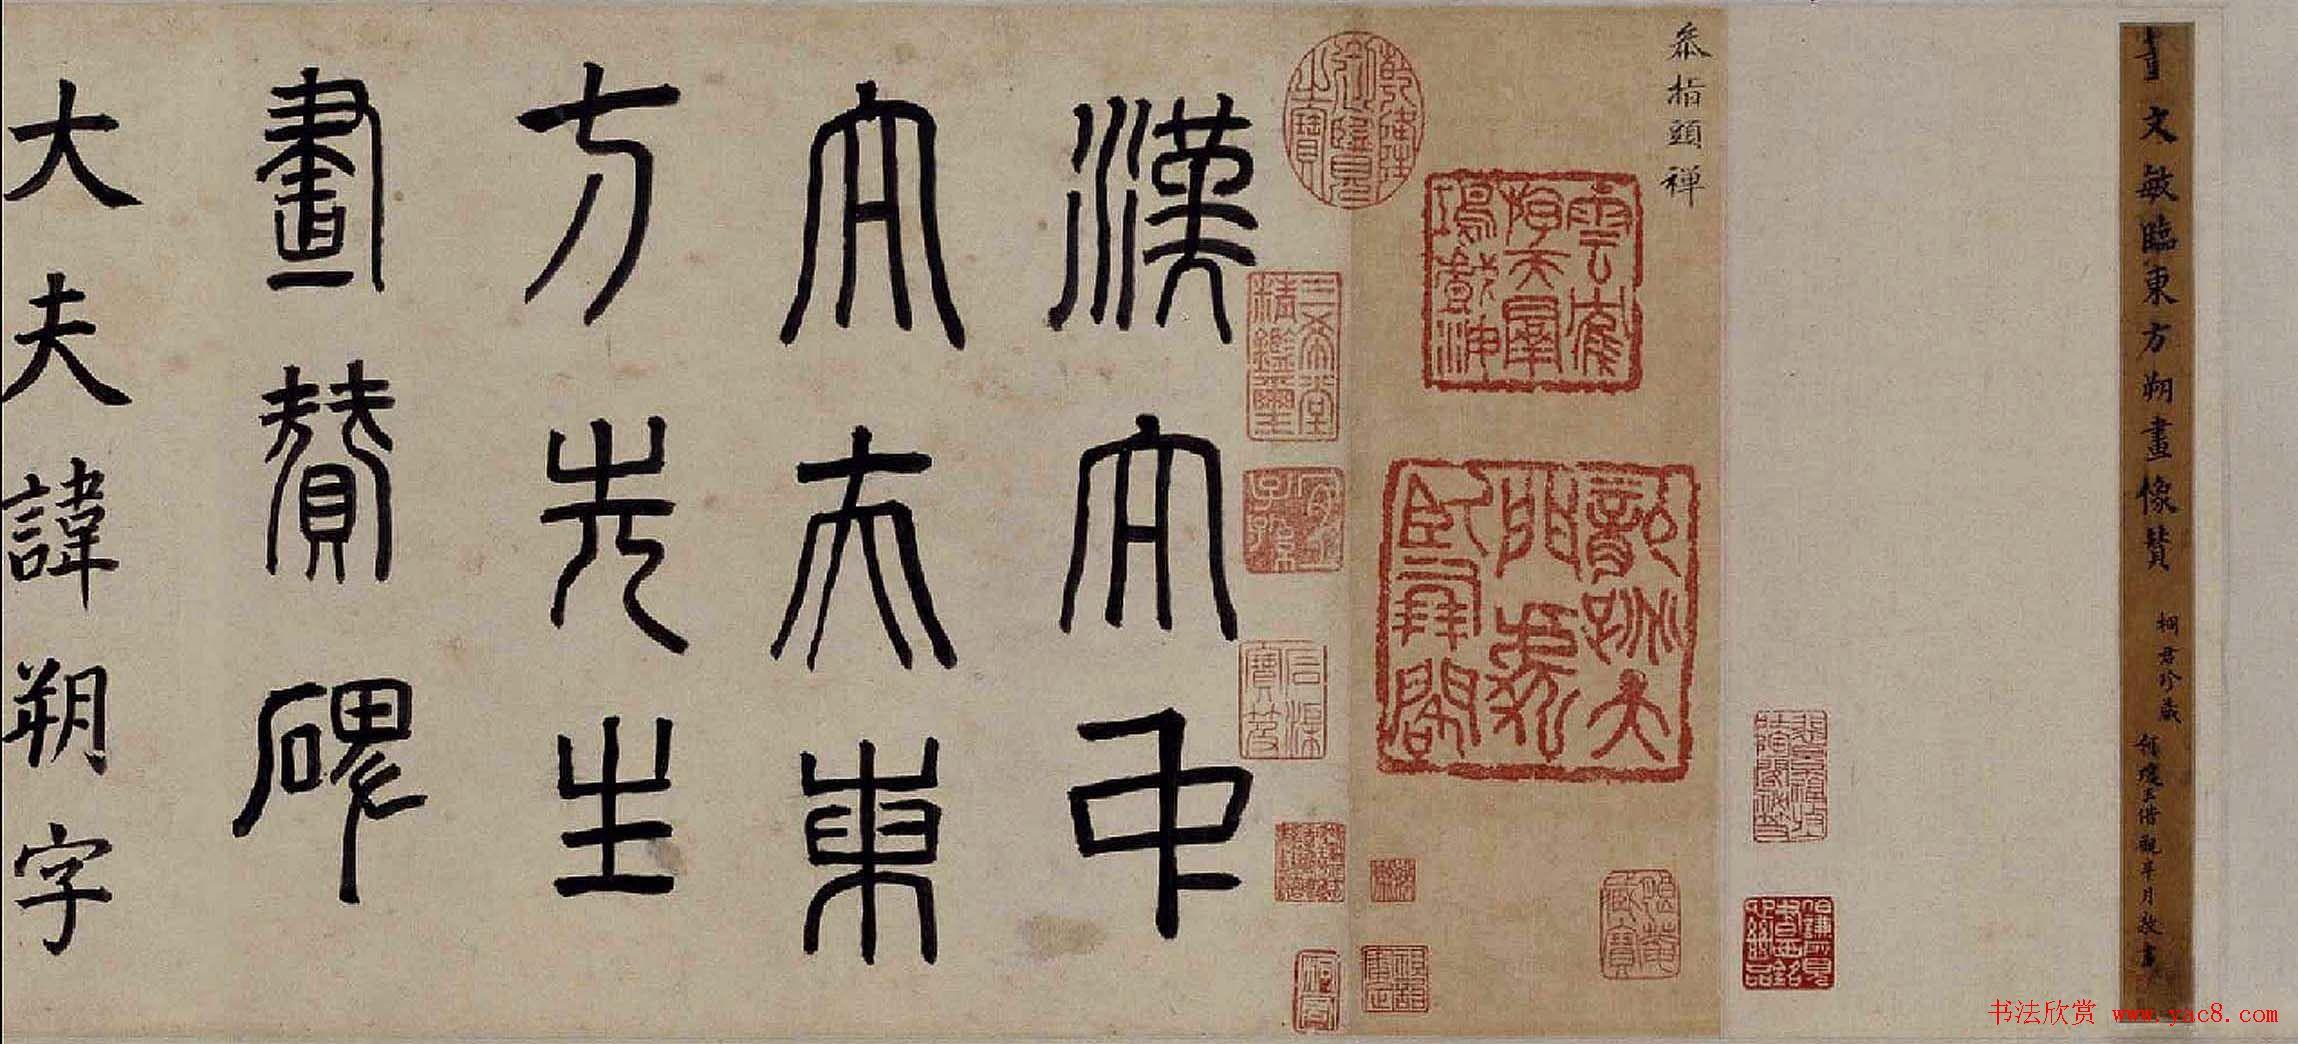 董其昌楷书欣赏《东方先生画赞碑》卷